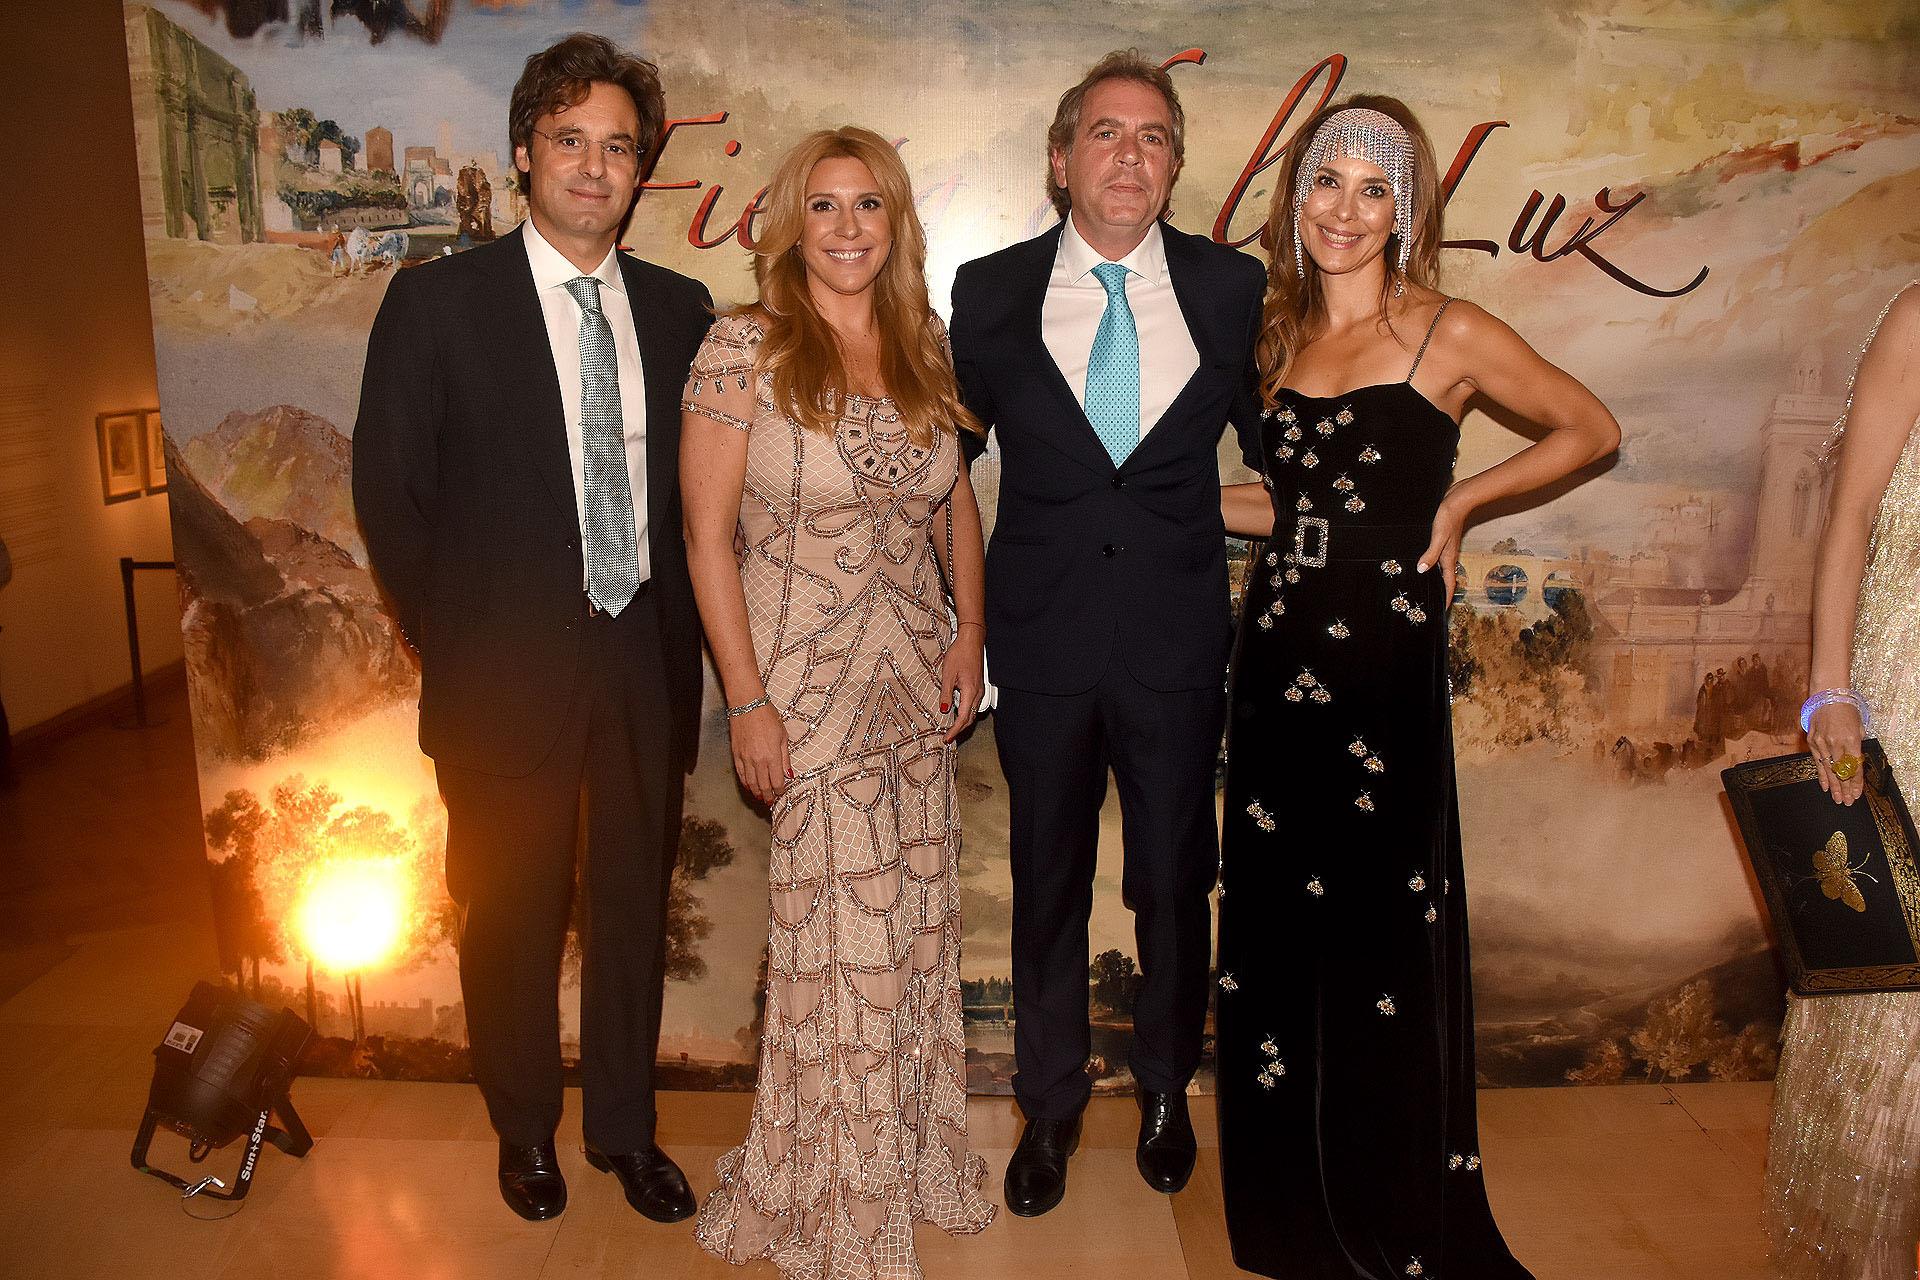 Ludovico Rocca, Amalia Amoedo, Gonzalo Guerrieri y Adriana Batan de Rocca